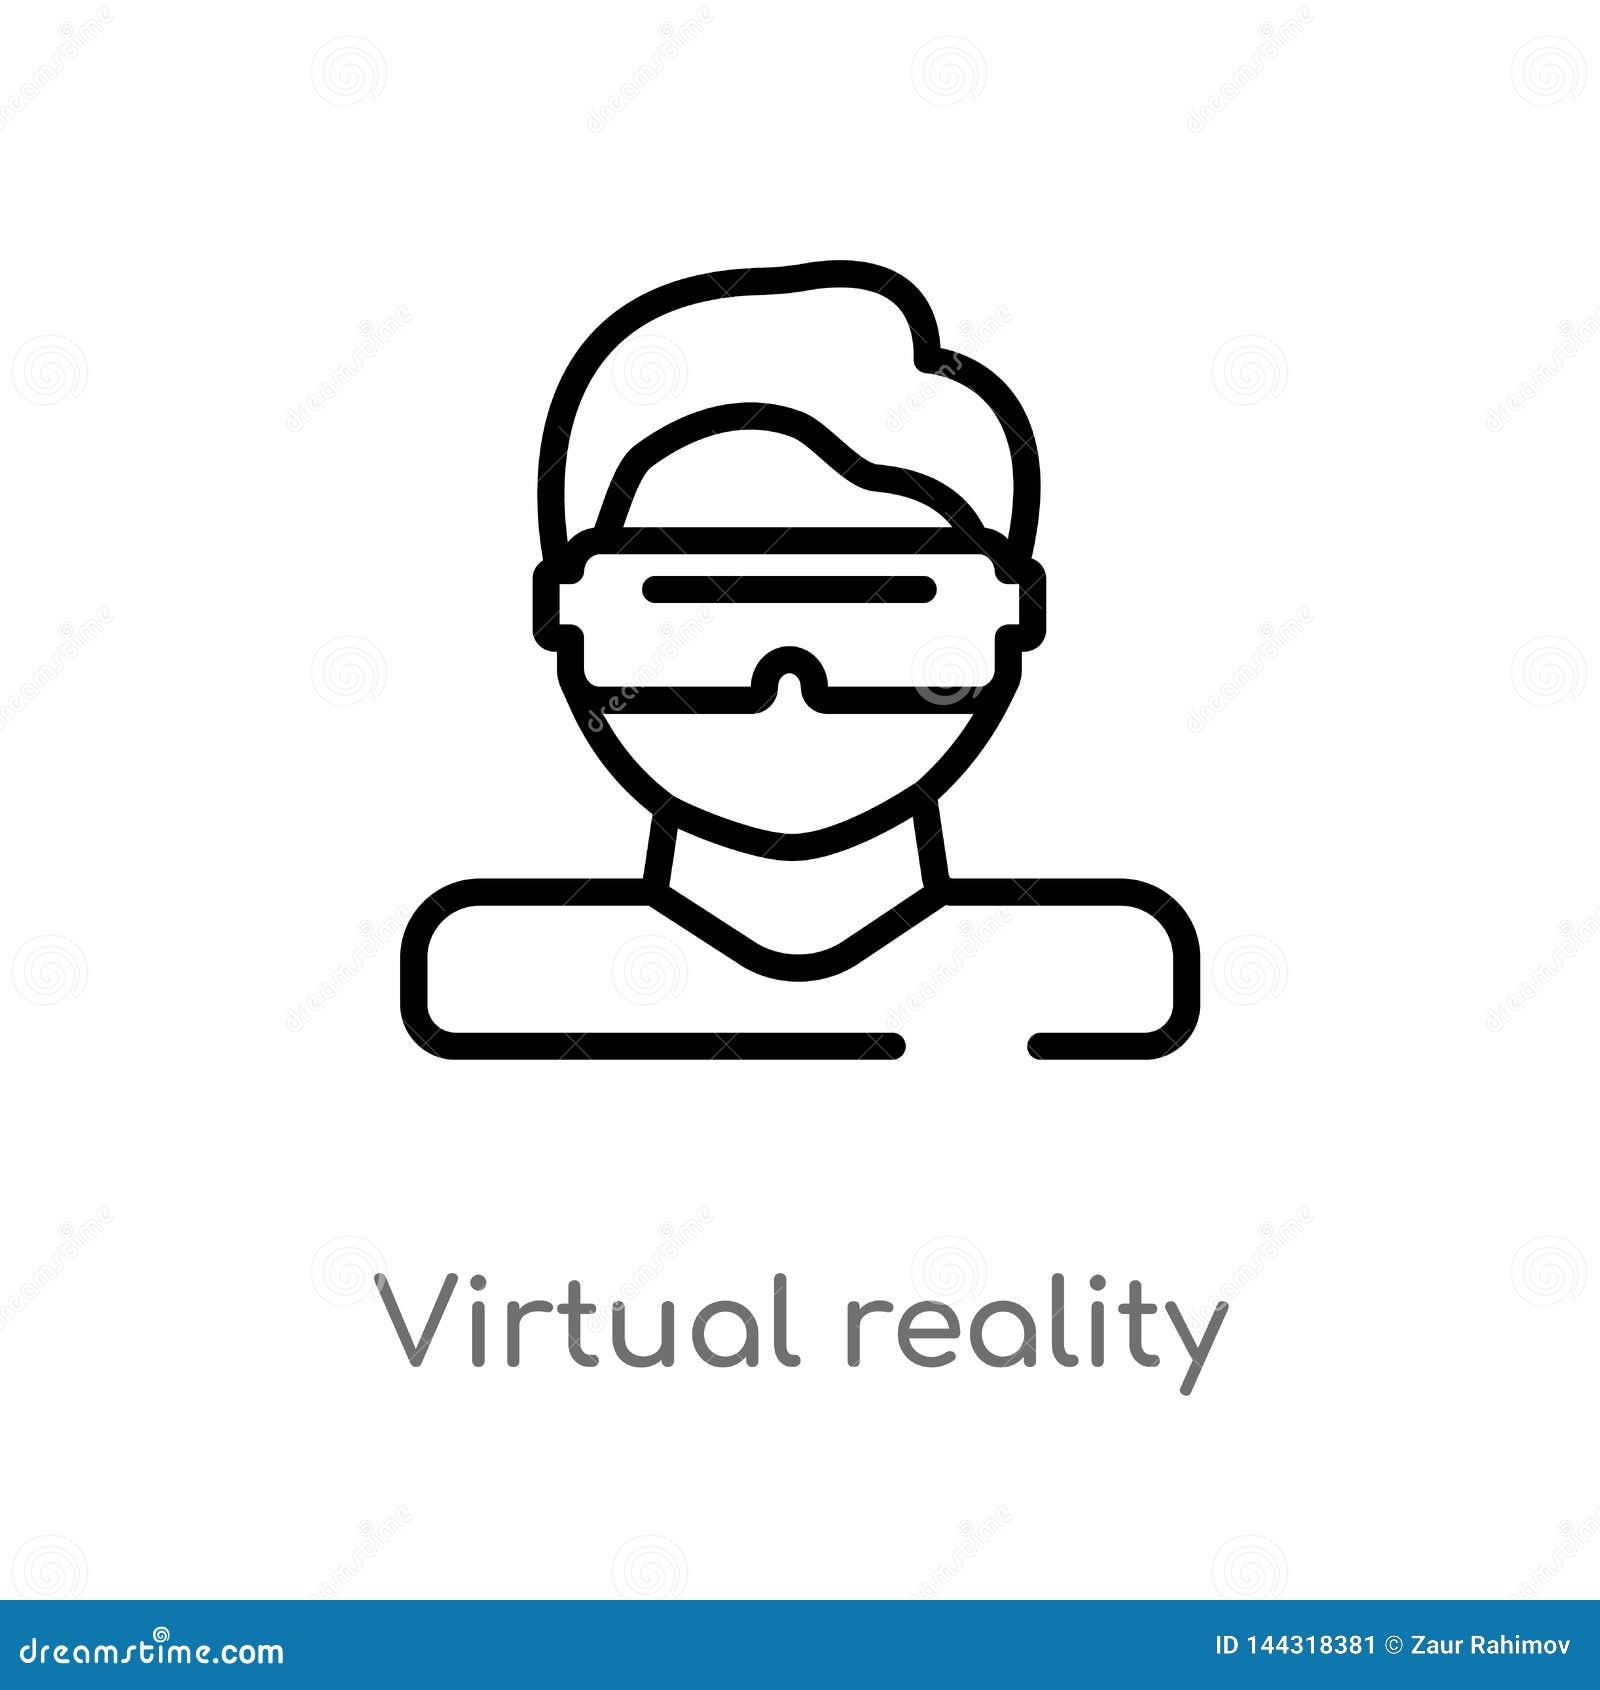 Vectorpictogram van de overzichts het virtuele werkelijkheid de geïsoleerde zwarte eenvoudige illustratie van het lijnelement van